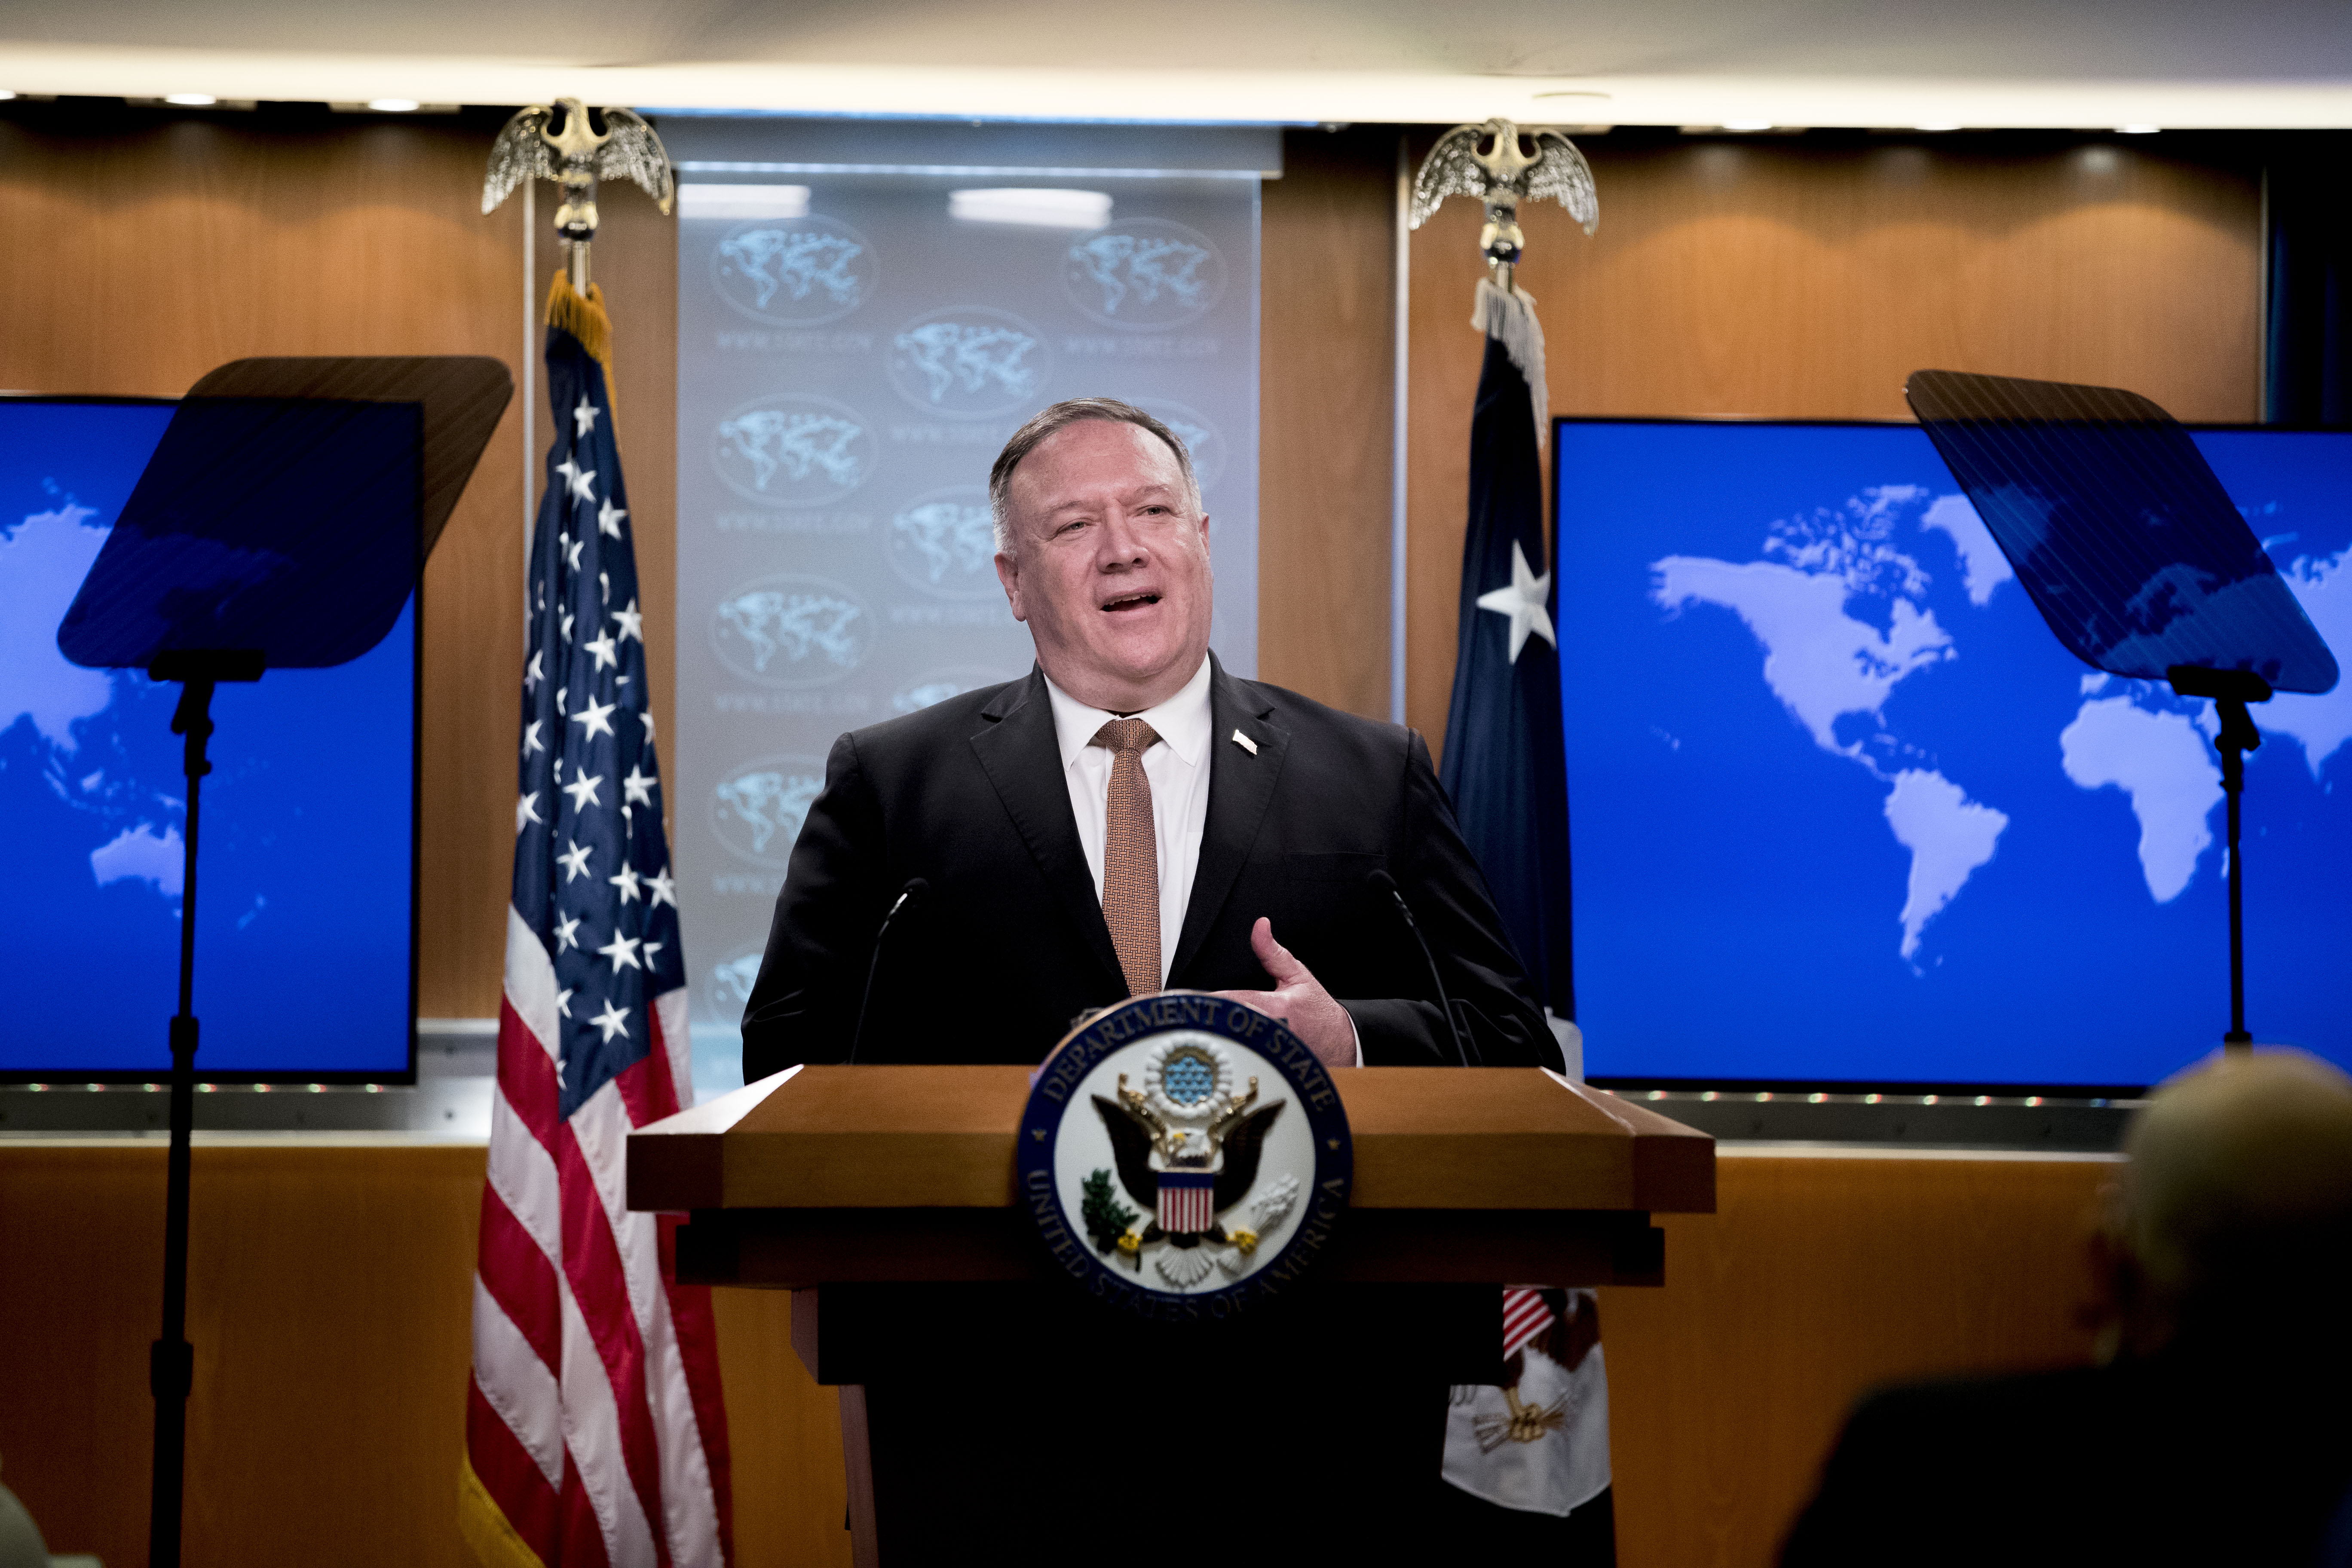 美國國務卿和國務院日前加緊曝光中共。圖為國務卿蓬佩奧。(ANDREW HARNIK/POOL/AFP via Getty Images)